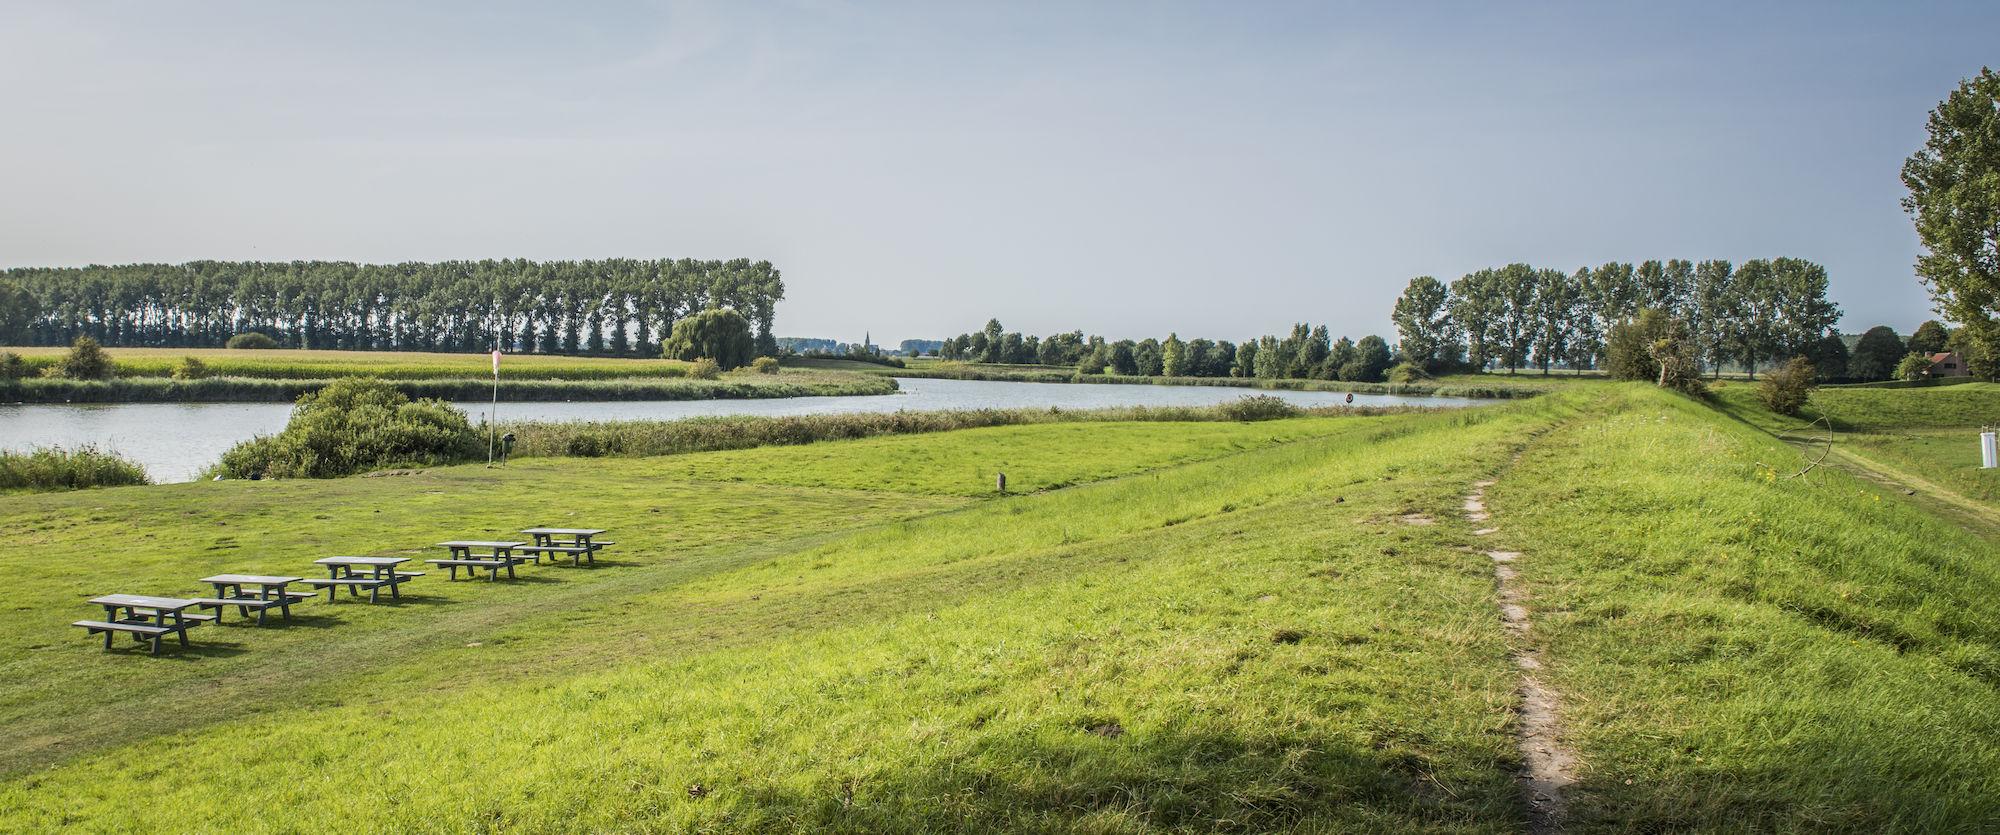 170826-Boerekreek-OVL-zomert-4.jpg